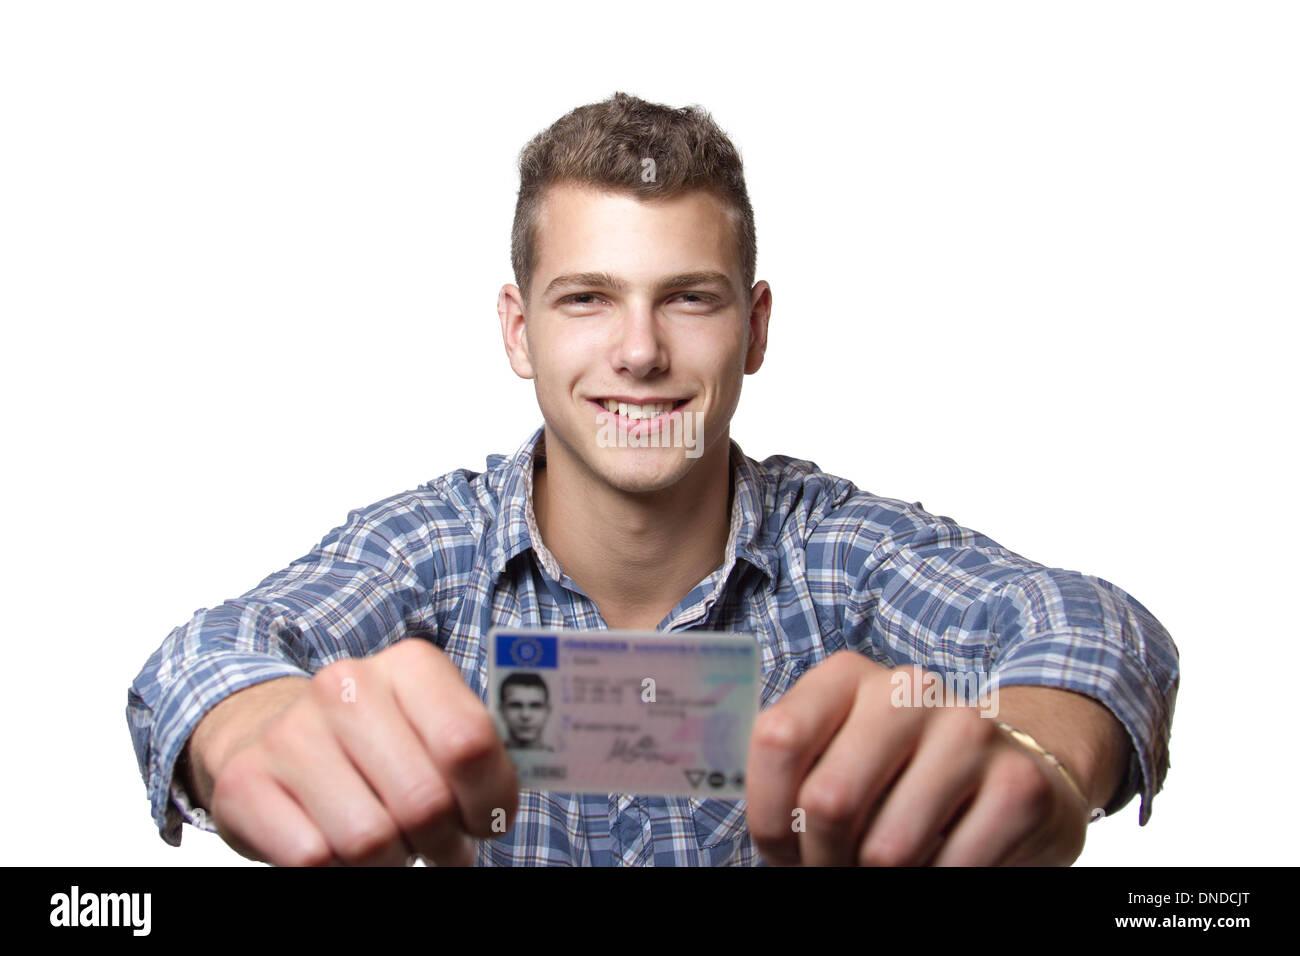 Joven sólo recibió su licencia de conducir y es feliz para conducir su propio coche pronto Imagen De Stock